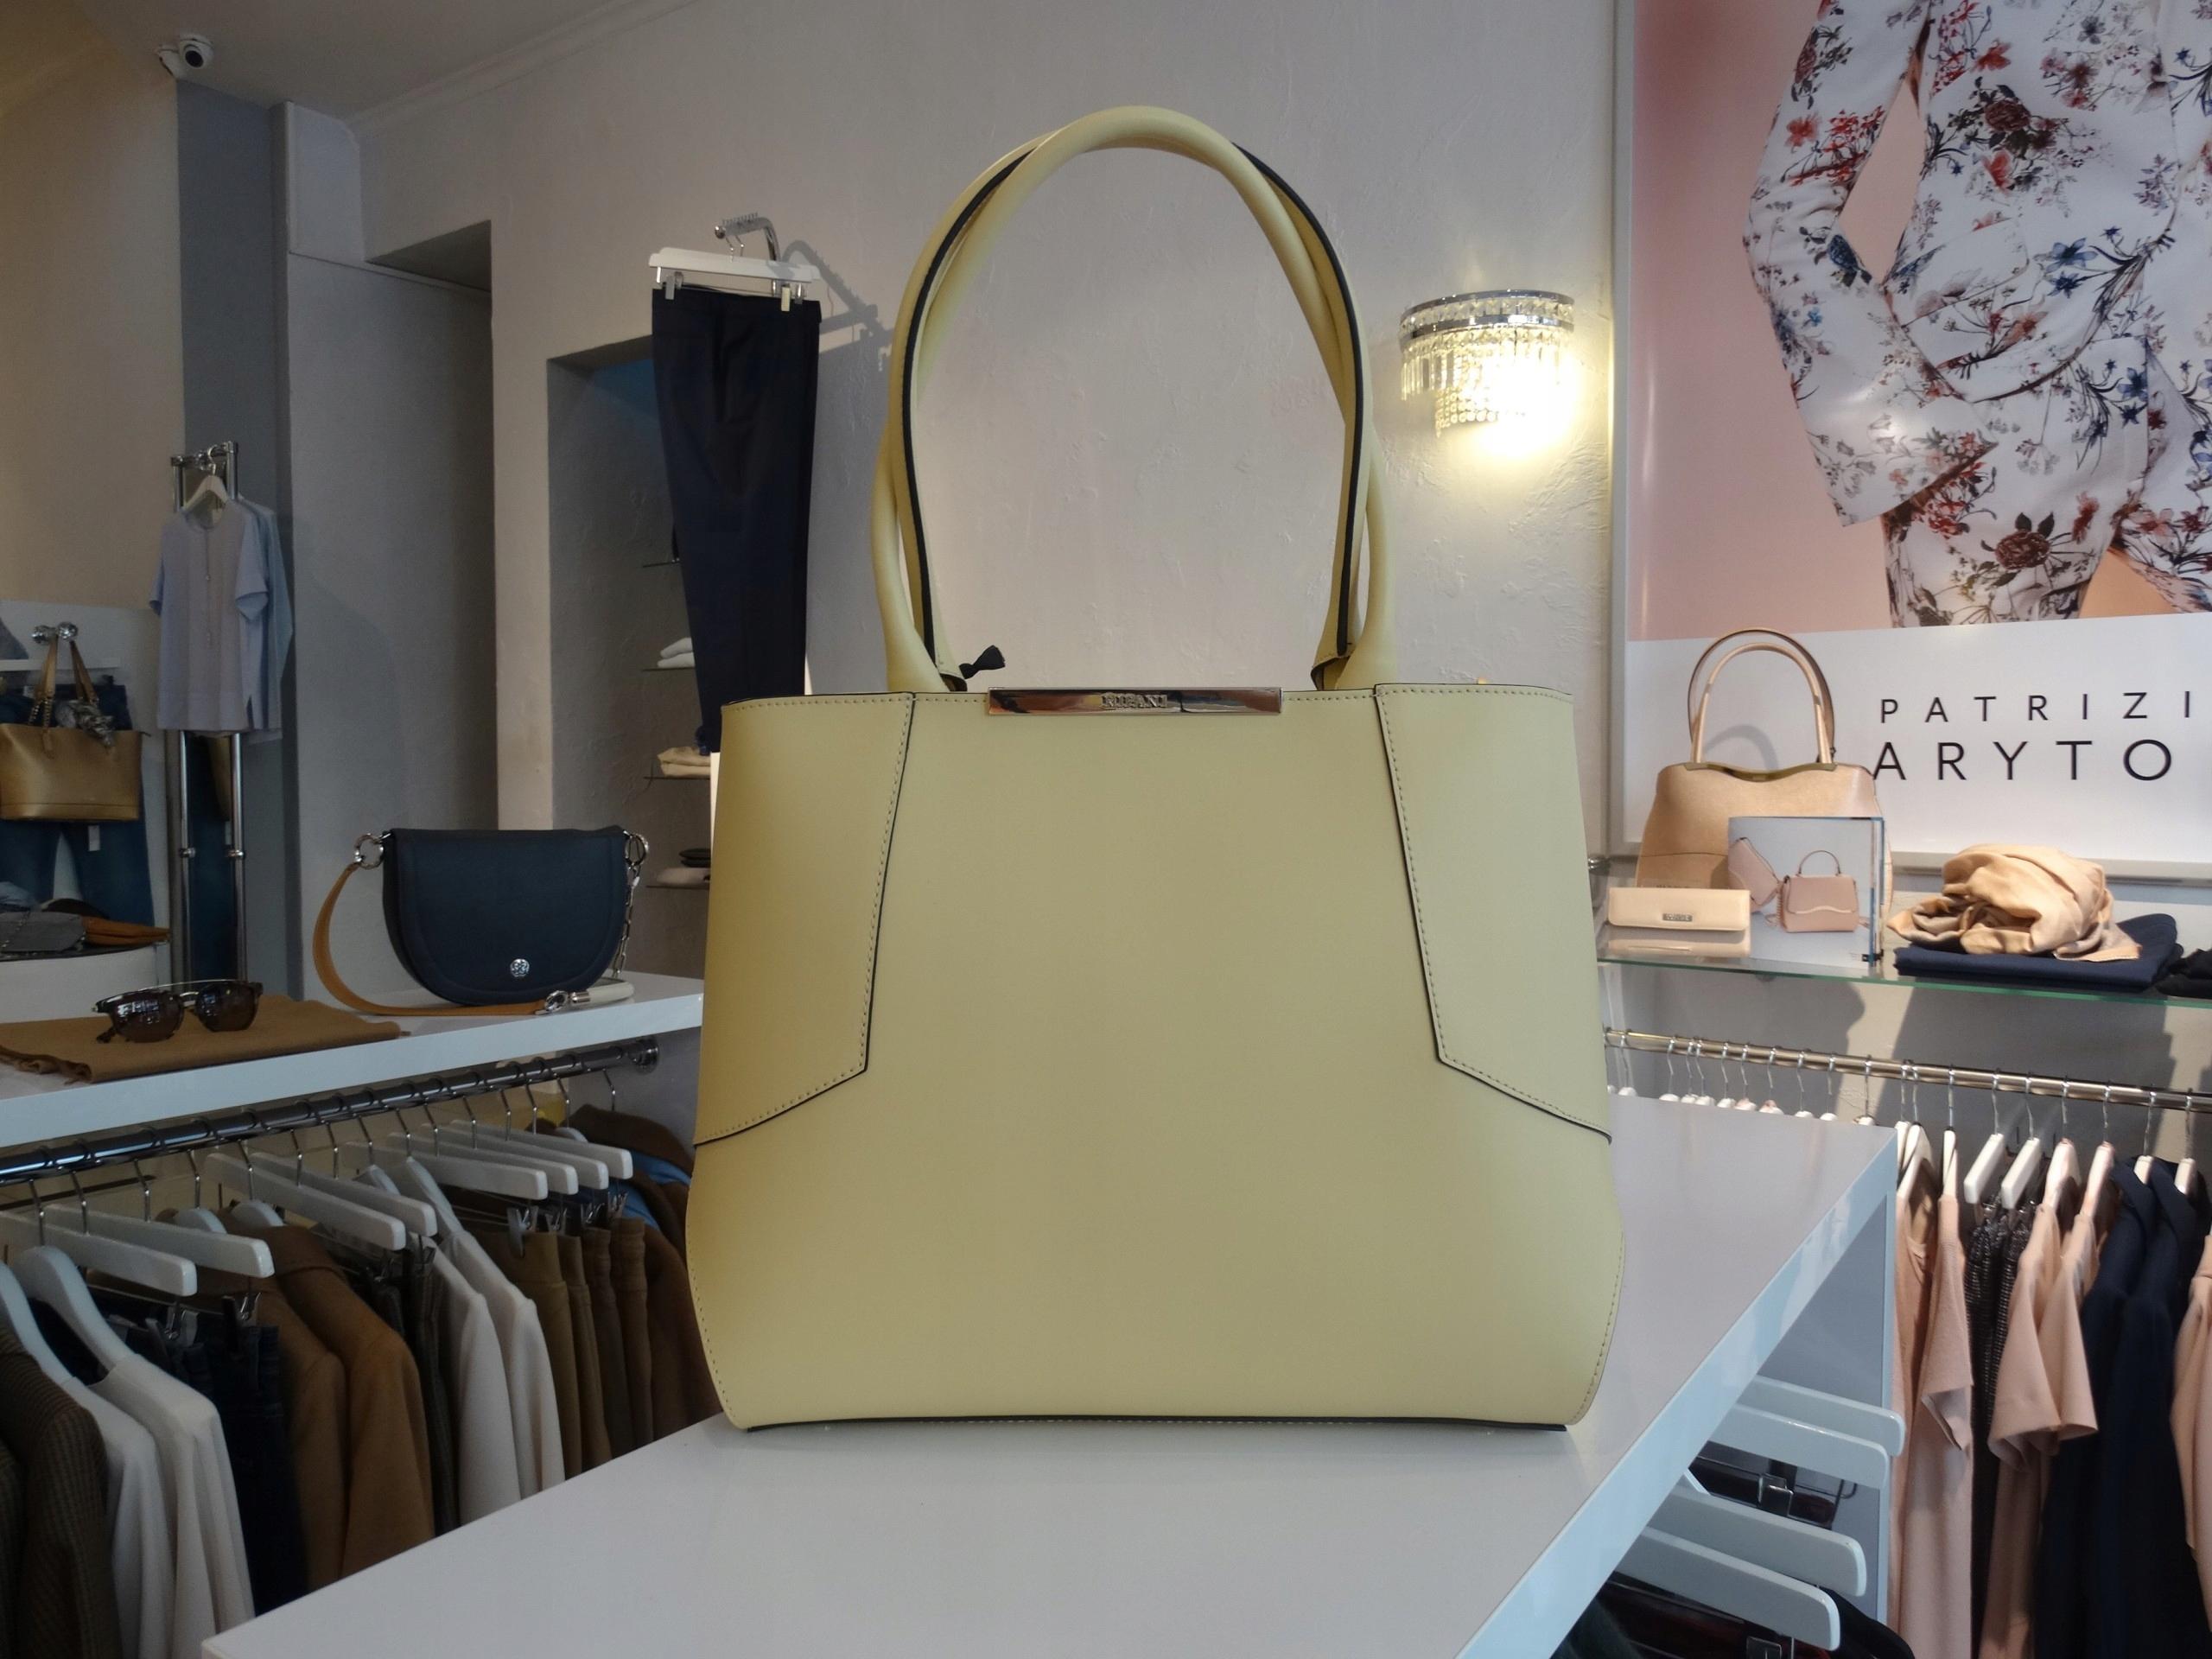 463d836fb70fb Torebka Ripani żółta piękna nowa kolekcja OKAZJA - 7436778776 ...